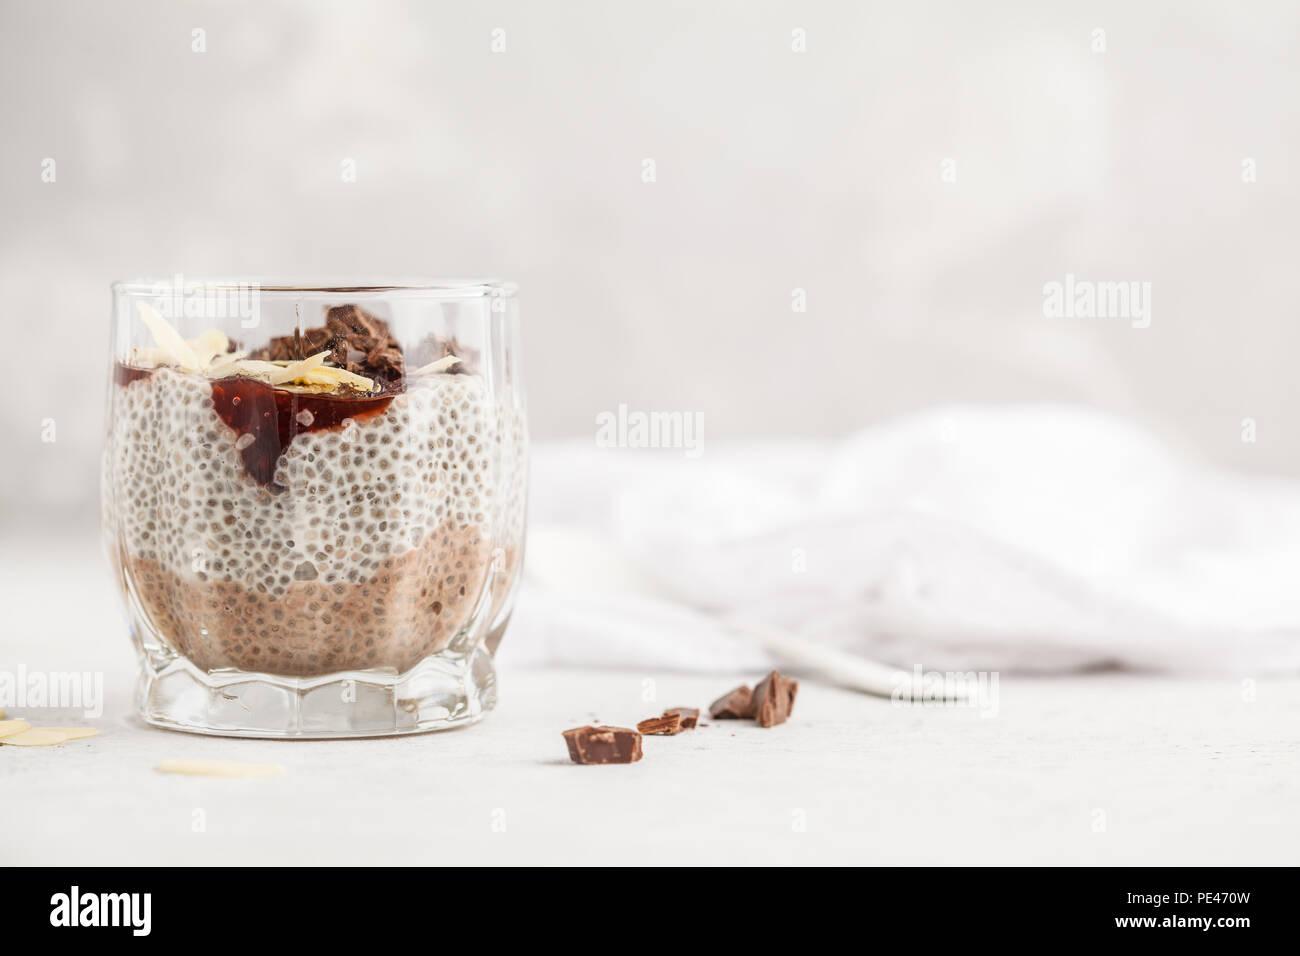 Chia pudding au chocolat, amandes et confiture de petits fruits, fond blanc. Dessert végétalien premières. Concept de l'alimentation propre. Photo Stock